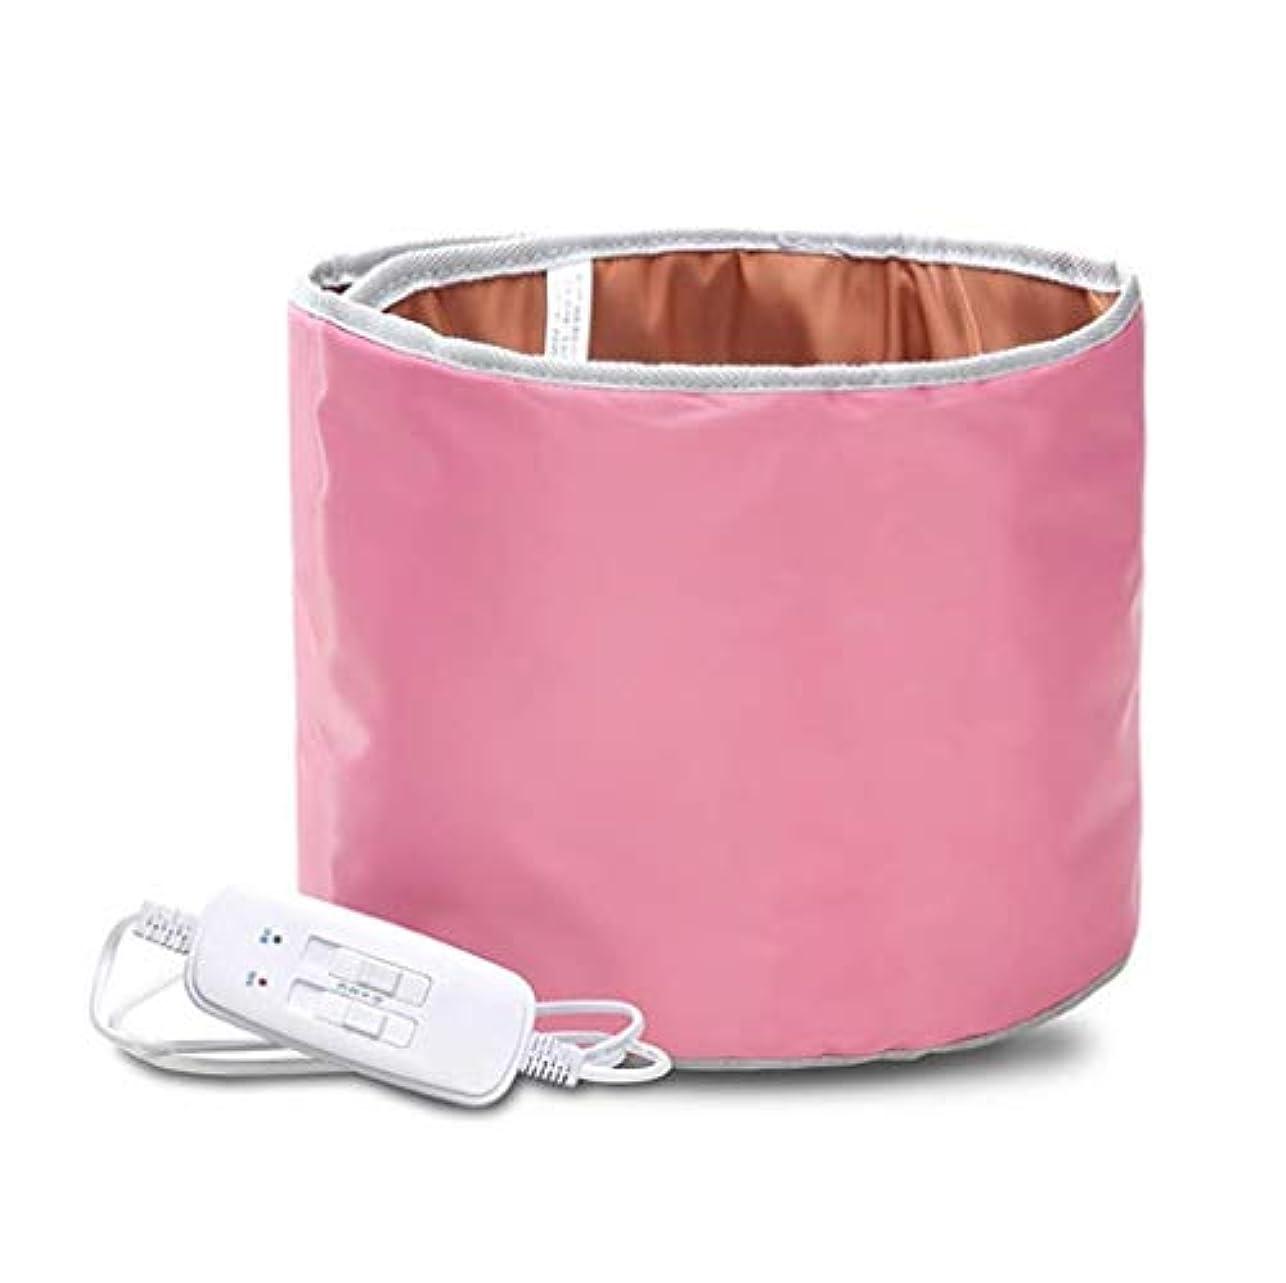 スピーチ調べる悩むウエストマッサージャー、電熱腰椎サポートベルト、血液循環の促進、痛みの緩和、保温 (Color : ピンク)